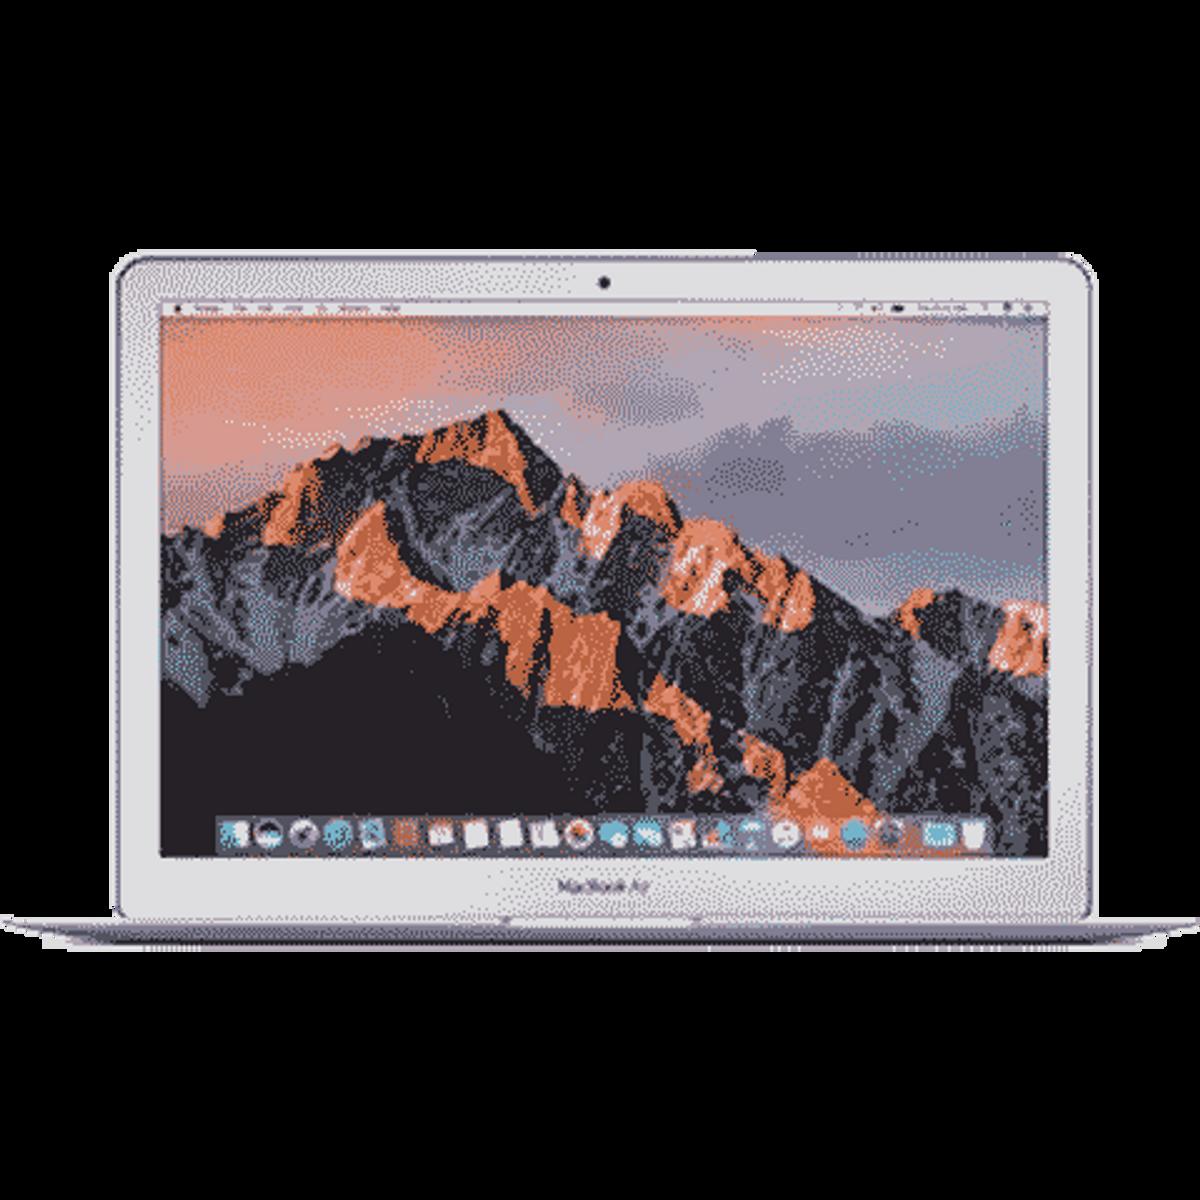 अॅप्पल MacBook Air MQD42HN/A